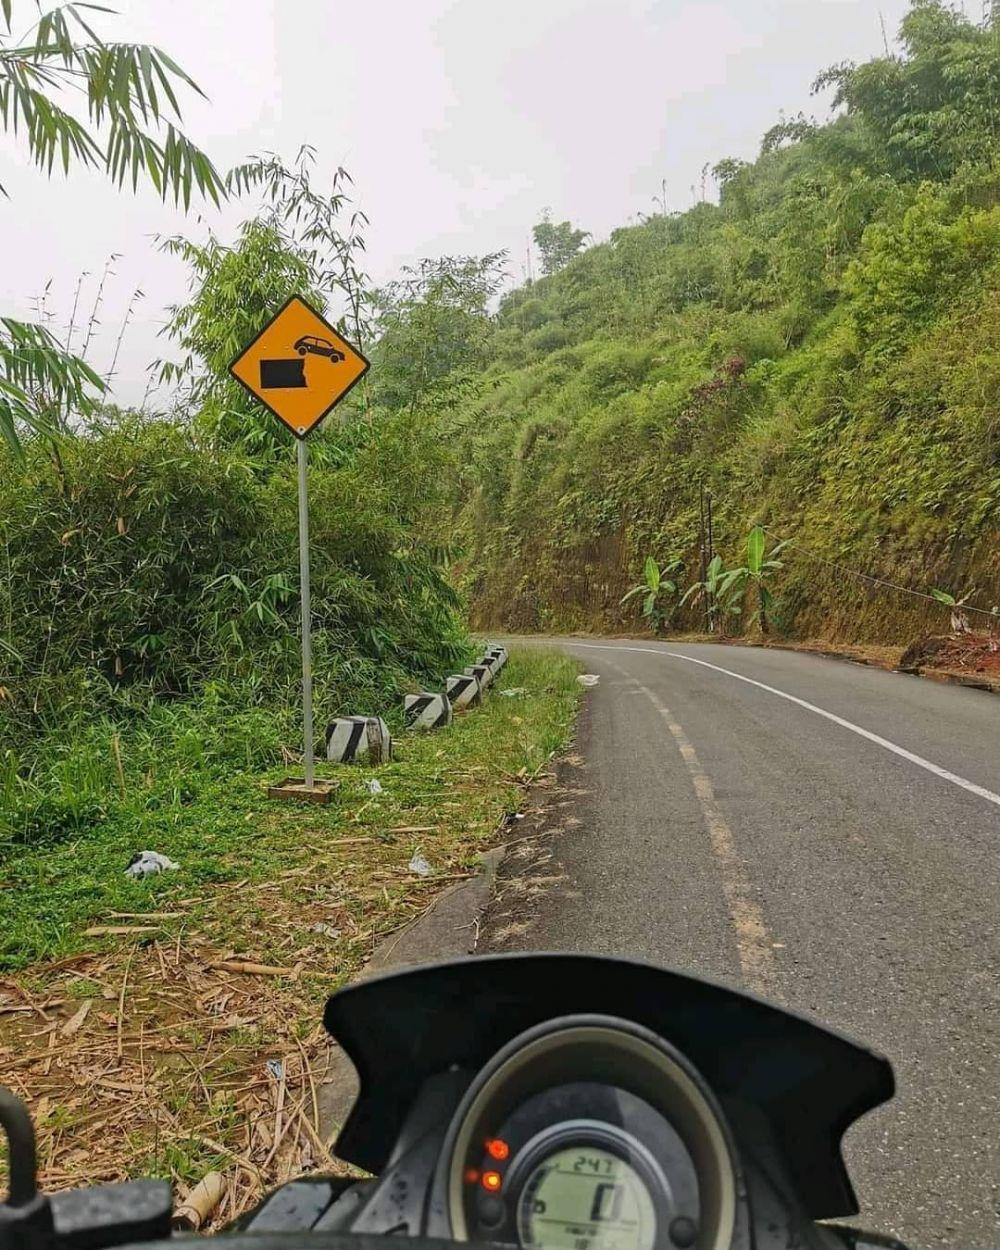 10 Potret Abang Ojol Nyasar Ikuti GPS, Ketemu Kebun Kosong dan Pocong!